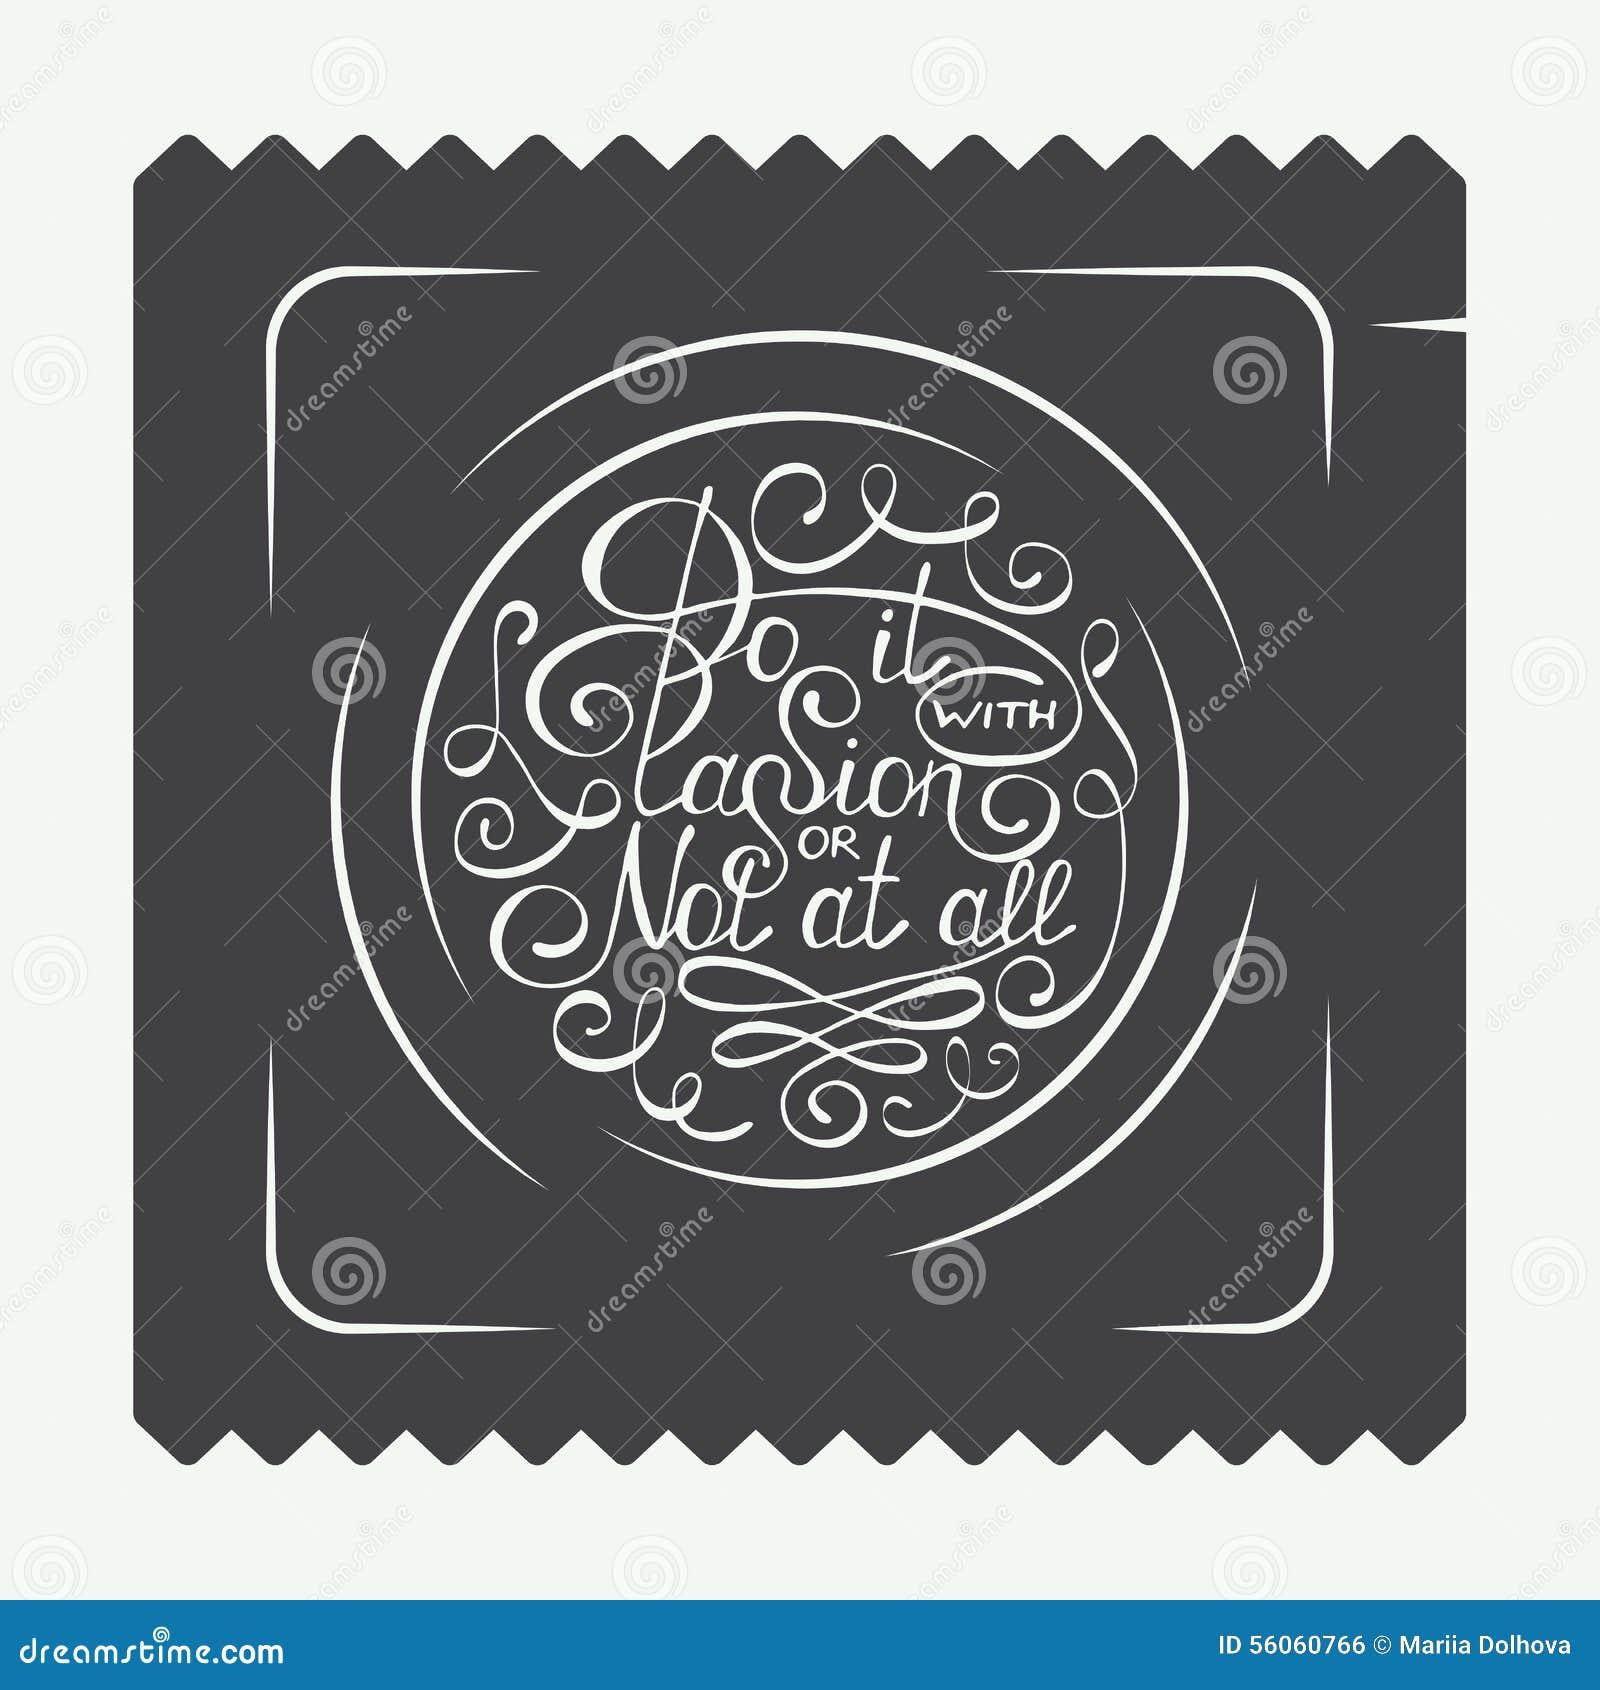 葡萄酒避孕套标签、商标或者徽章与手拉的印刷术设计元素 做它充满激情或不在圈子